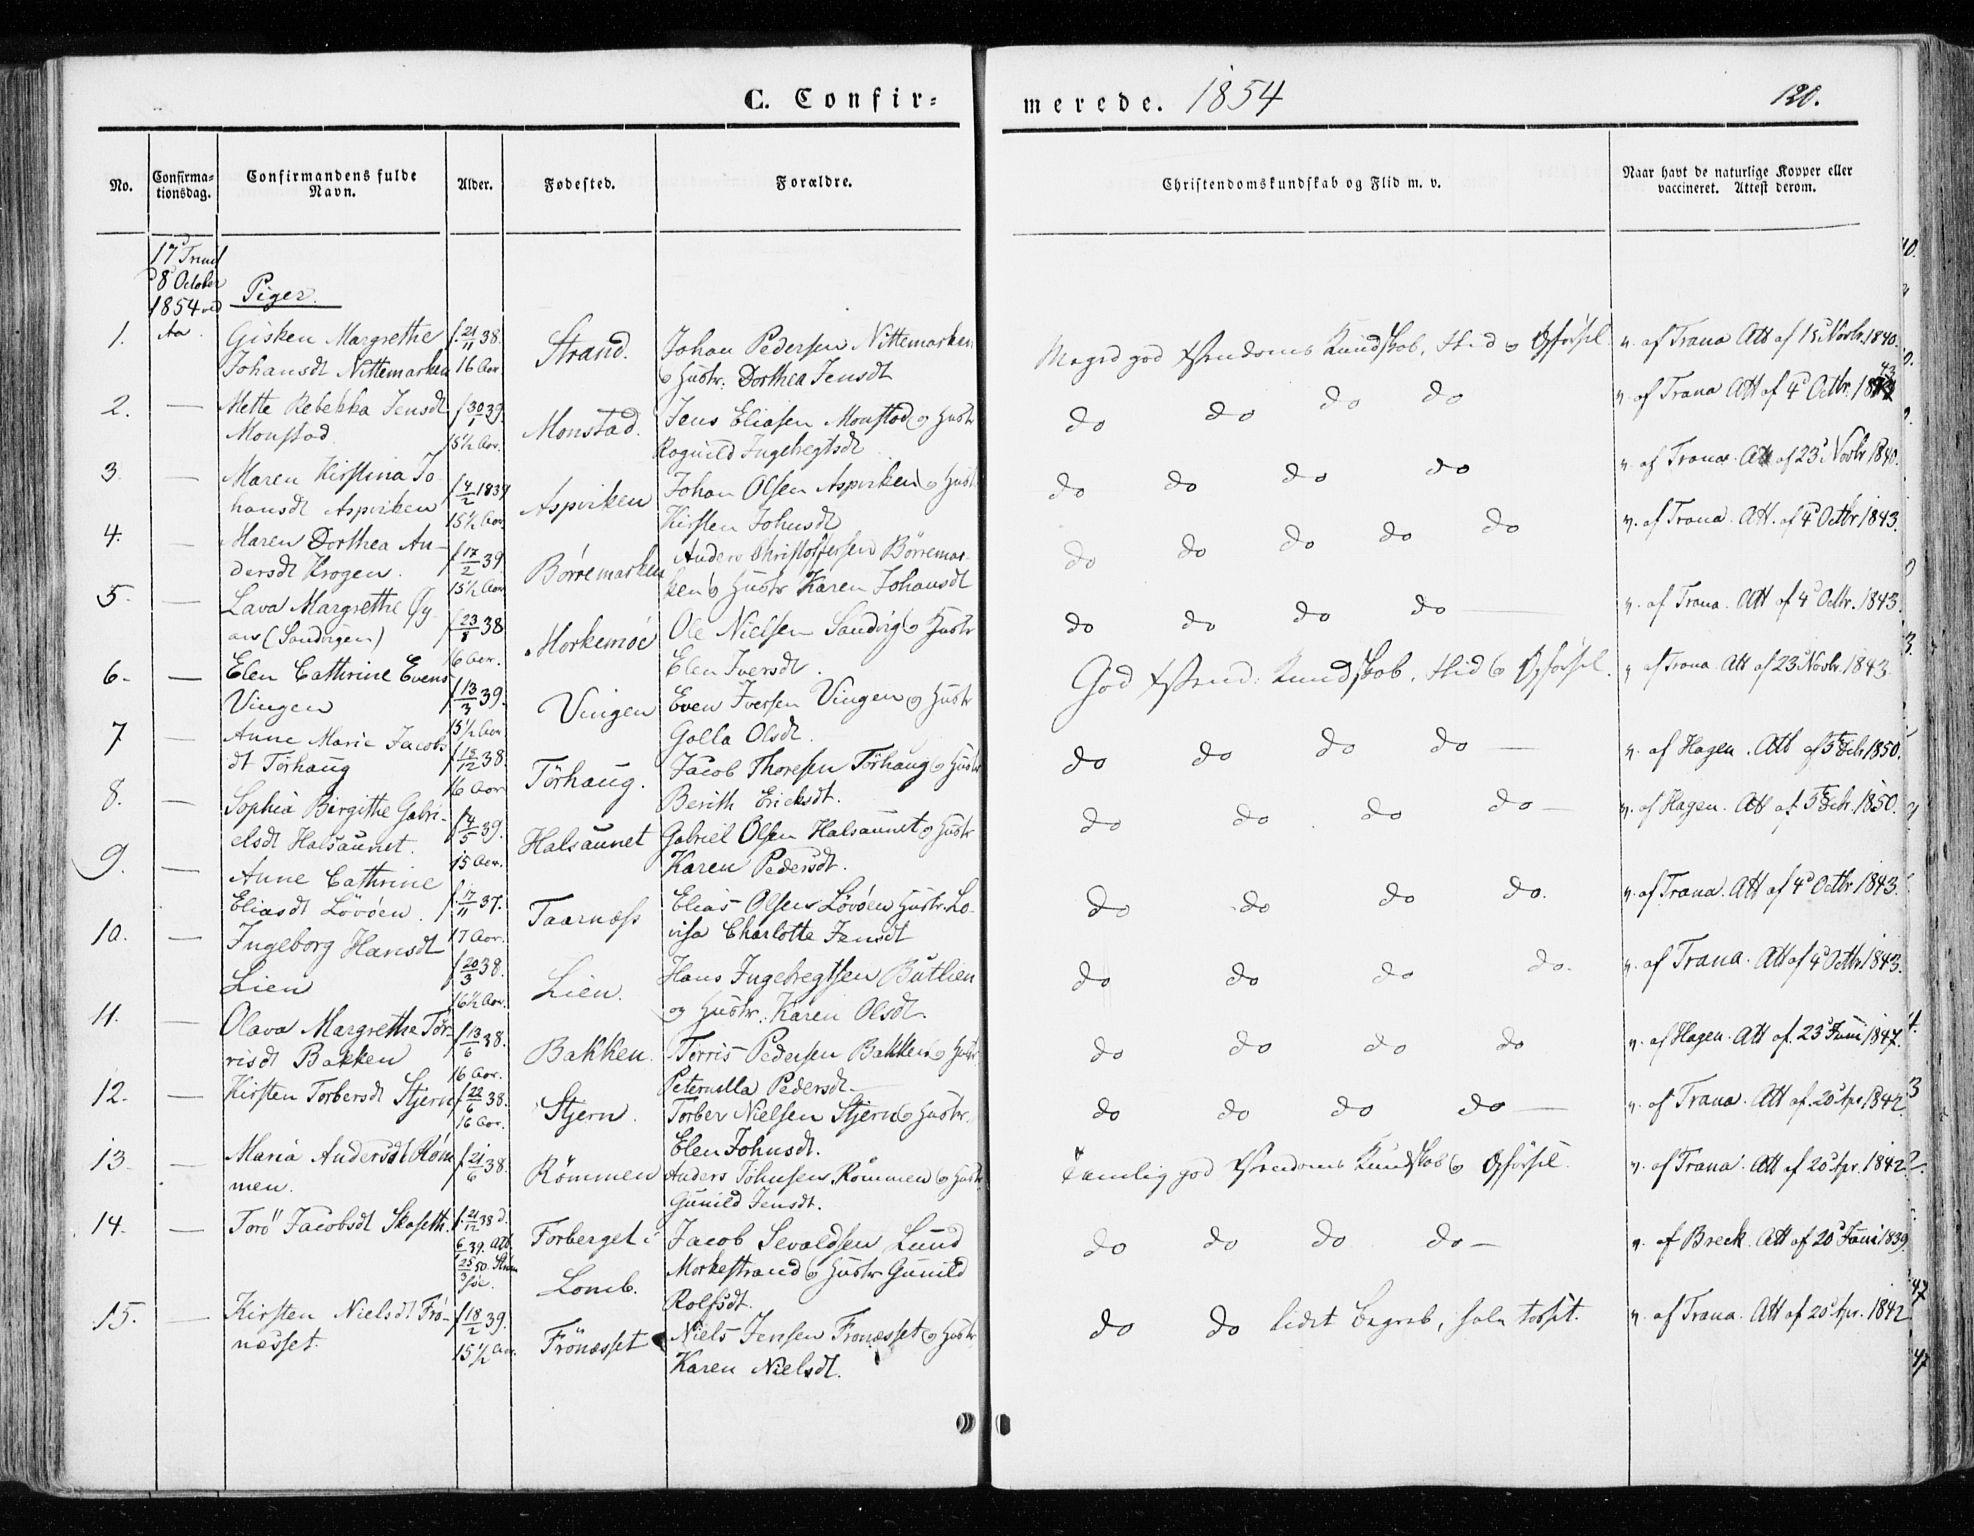 SAT, Ministerialprotokoller, klokkerbøker og fødselsregistre - Sør-Trøndelag, 655/L0677: Ministerialbok nr. 655A06, 1847-1860, s. 120